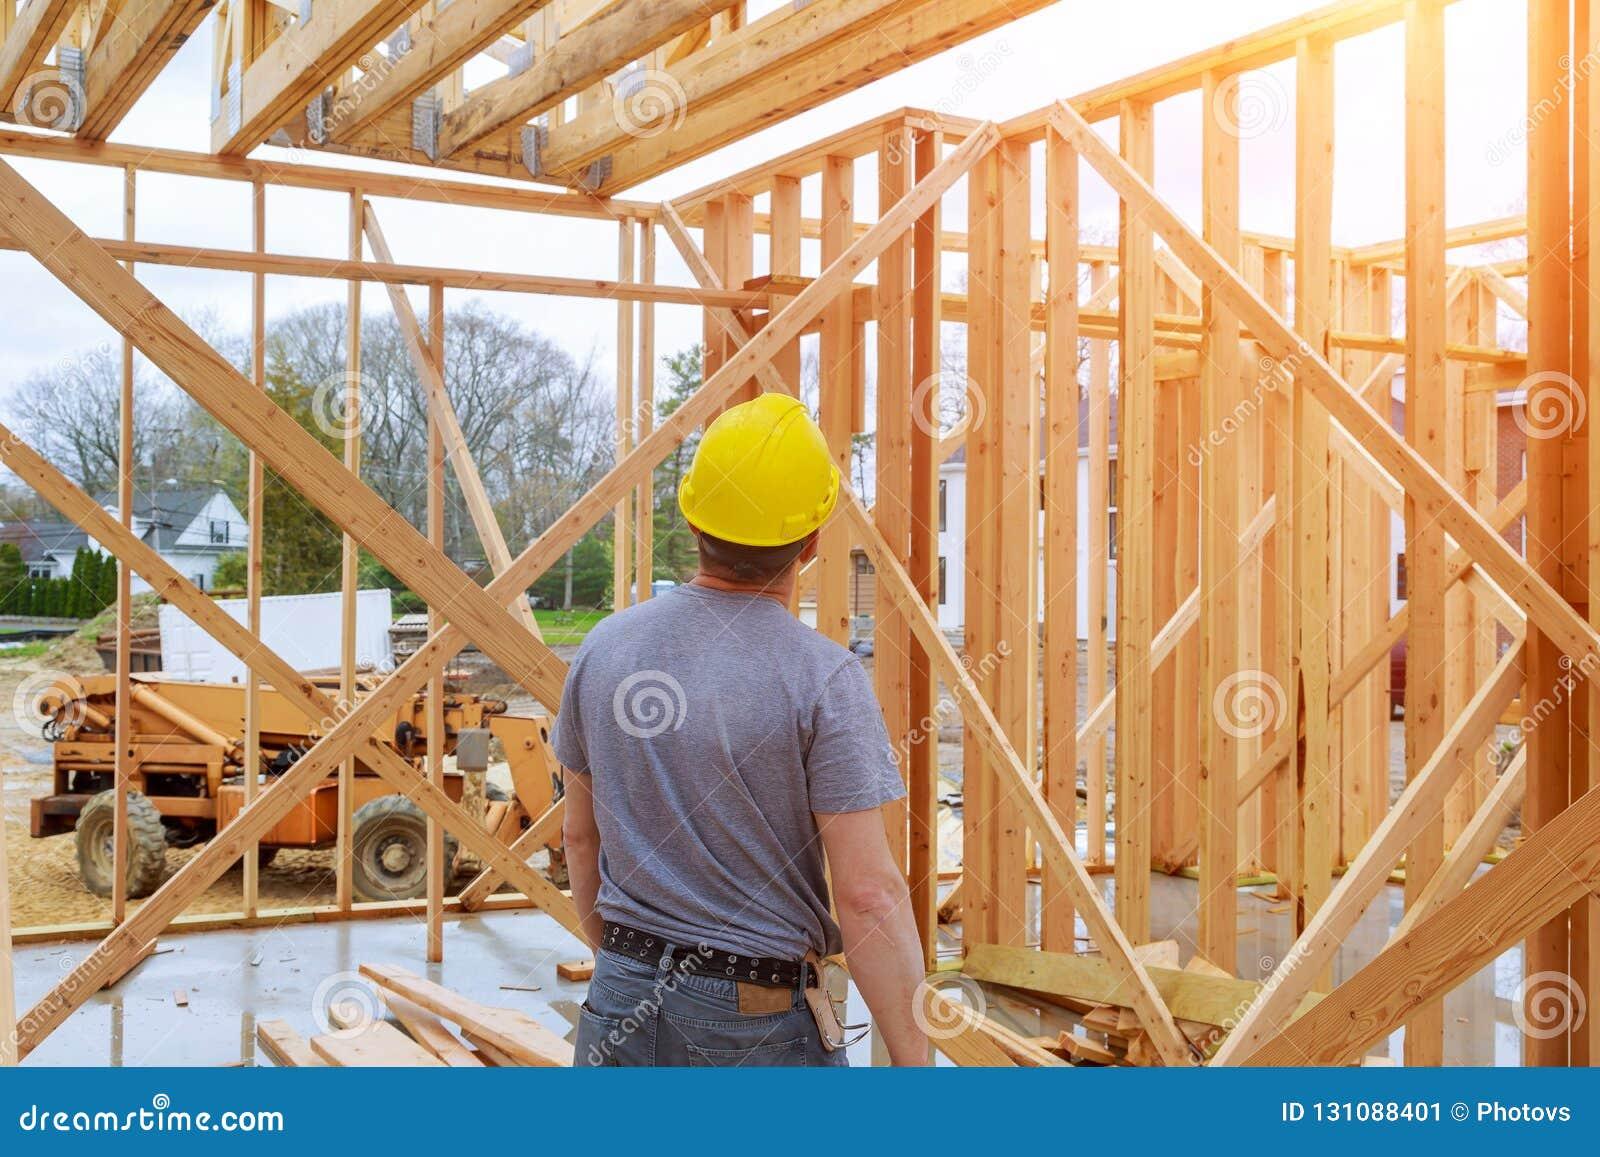 Ispettore edile che osserva costruzione domestica la nuova proprietà